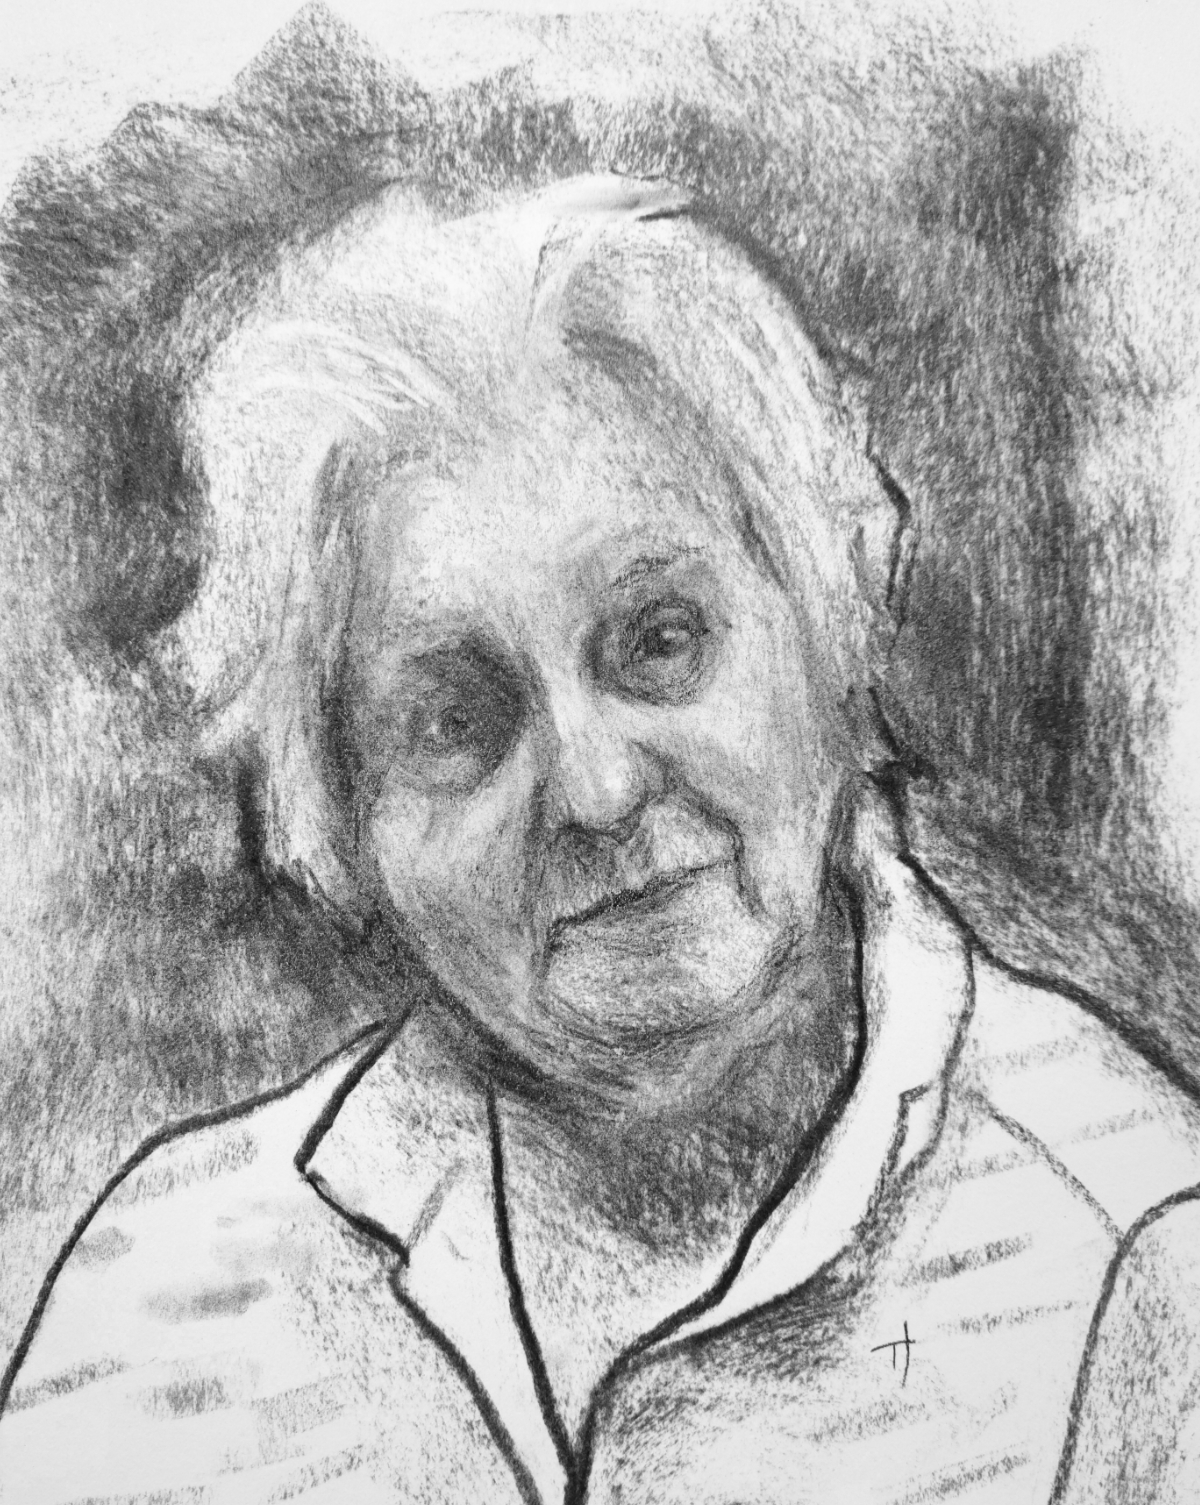 Eliane - Les visages de notre histoire ©Tania Hillion